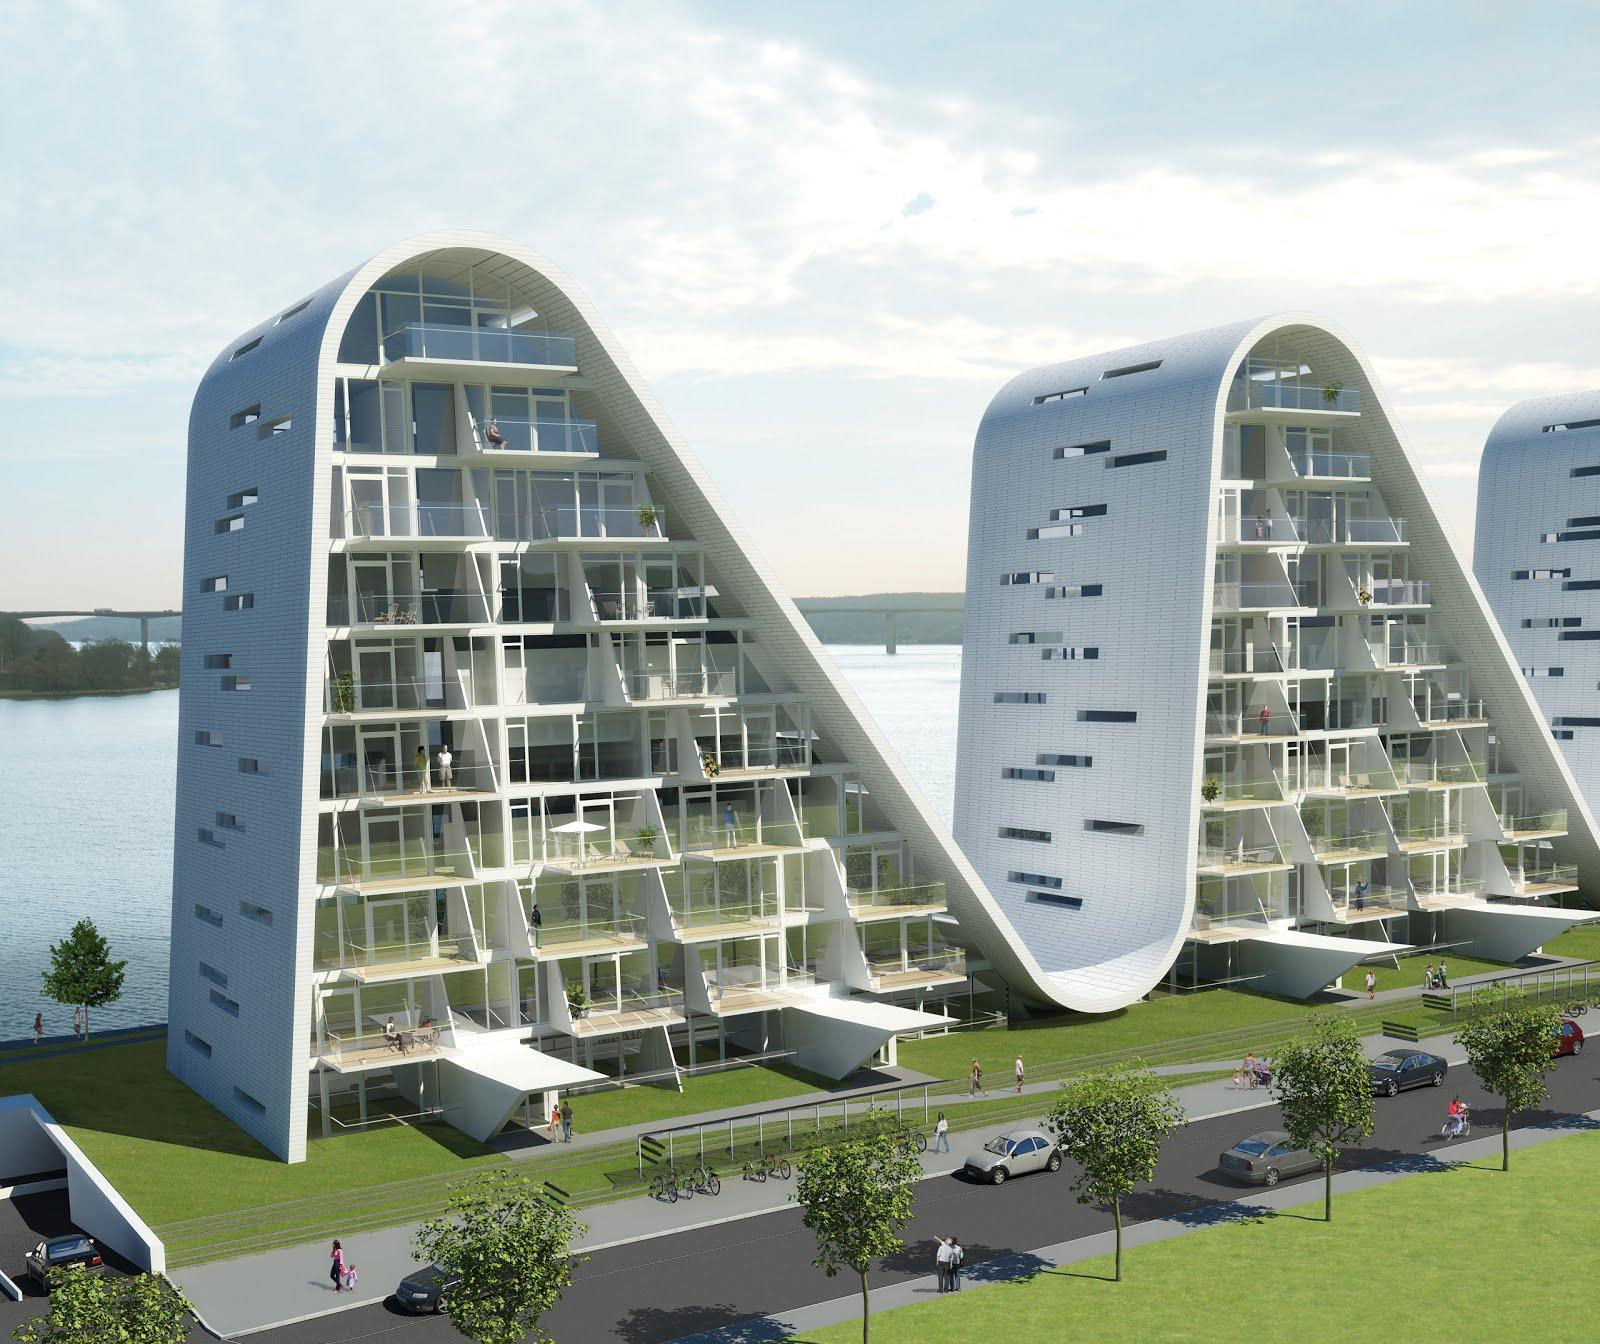 Arsitektur Rumah: PRINSIP-PRINSIP DESAIN ARSITEKTUR: PRINSIP-PRINSIP DESAIN